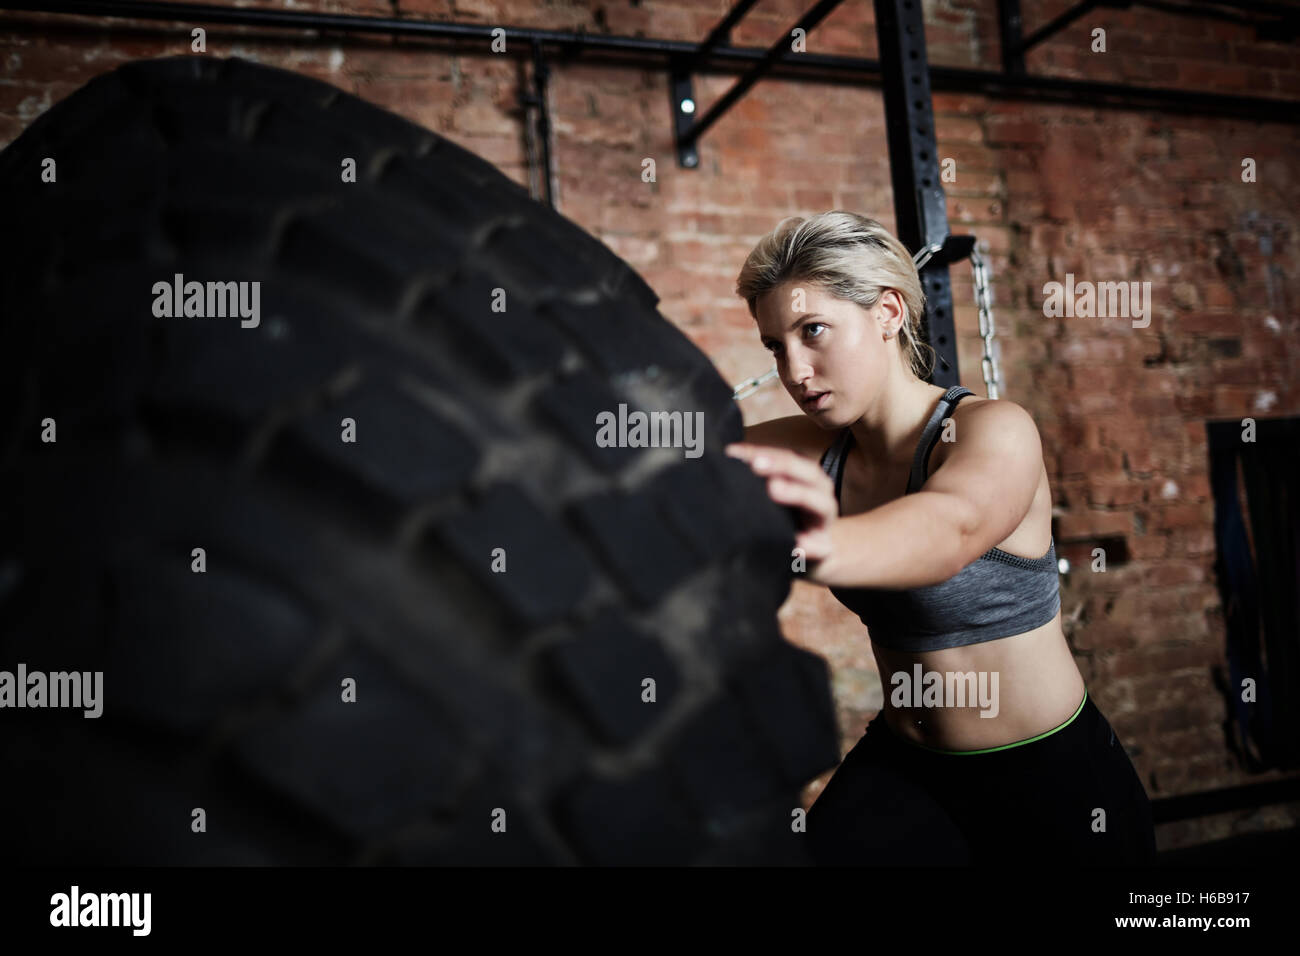 Übung mit Reifen Stockbild